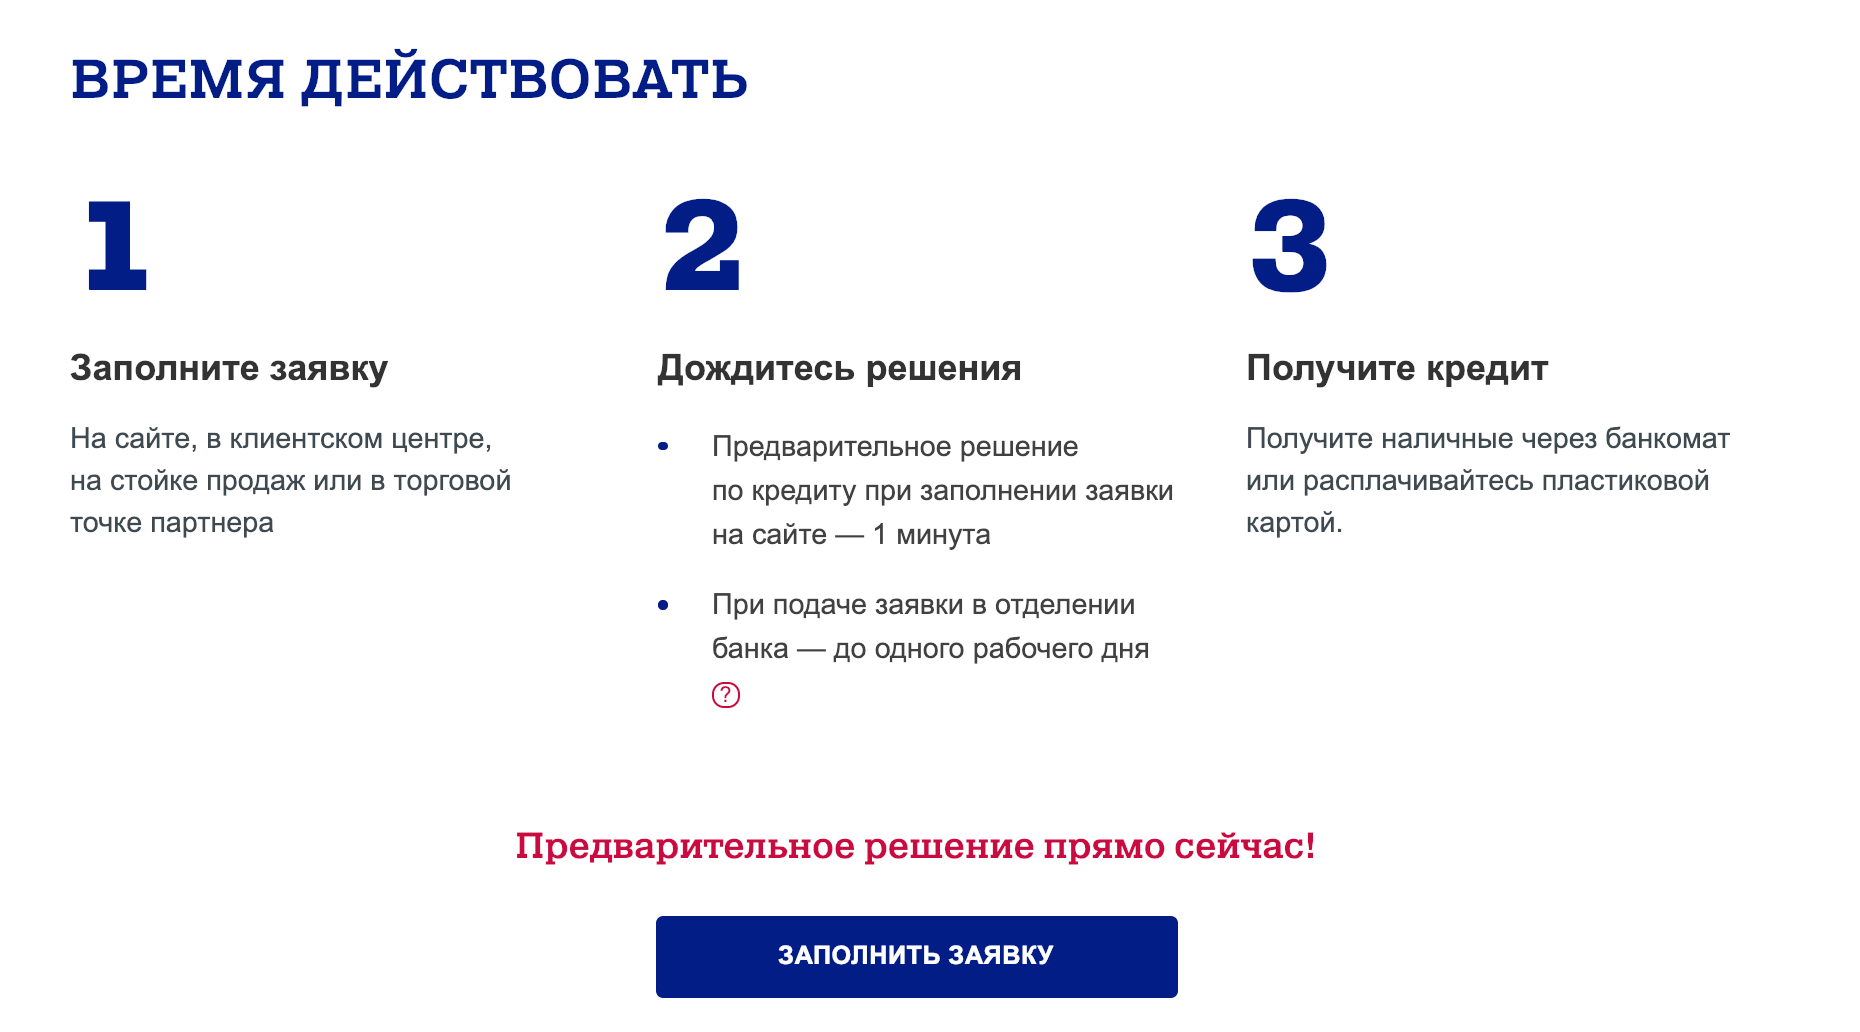 Как оформить и обслуживать кредит в «Почта Банке»